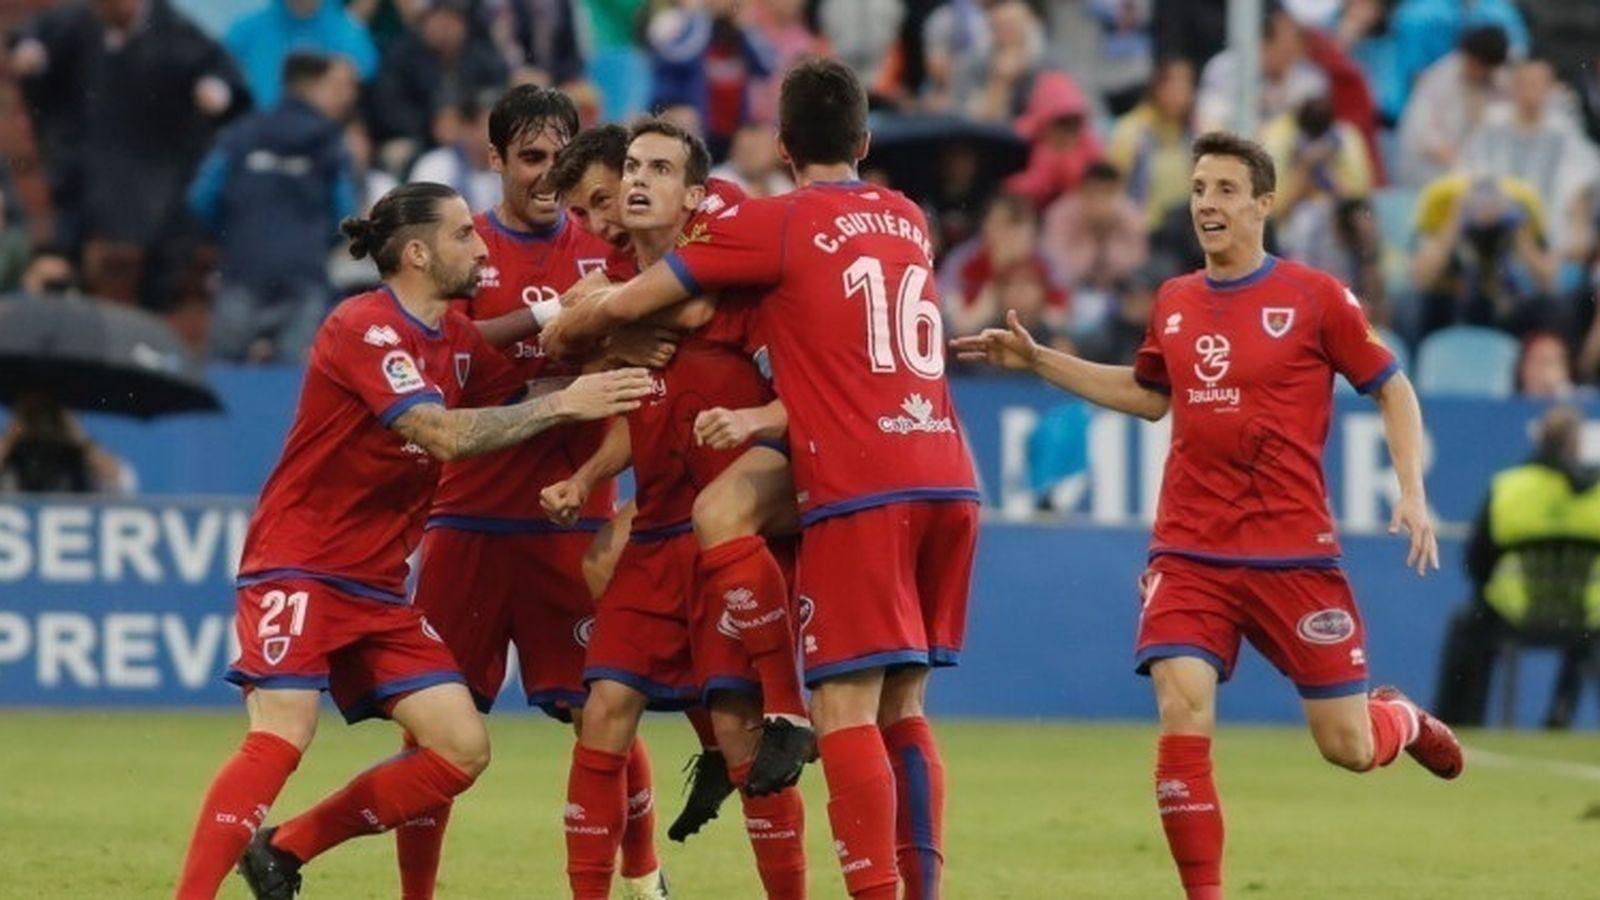 Foto: Jugadores del Numancia celebran un gol. (Europa Press)